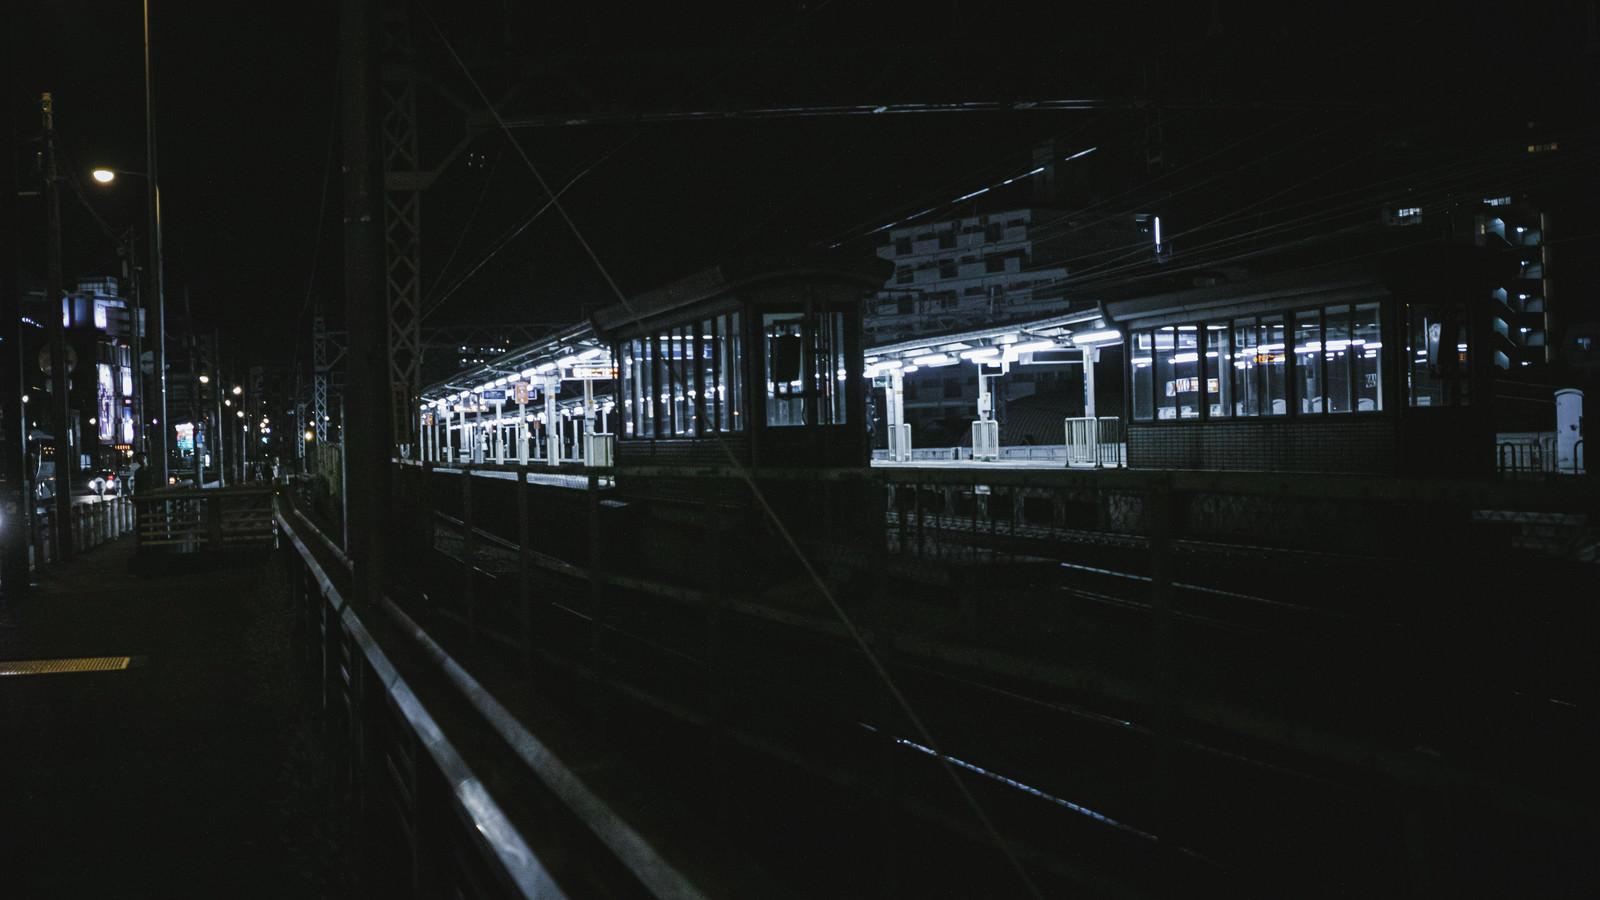 「照明が灯る無人の駅ホーム」の写真